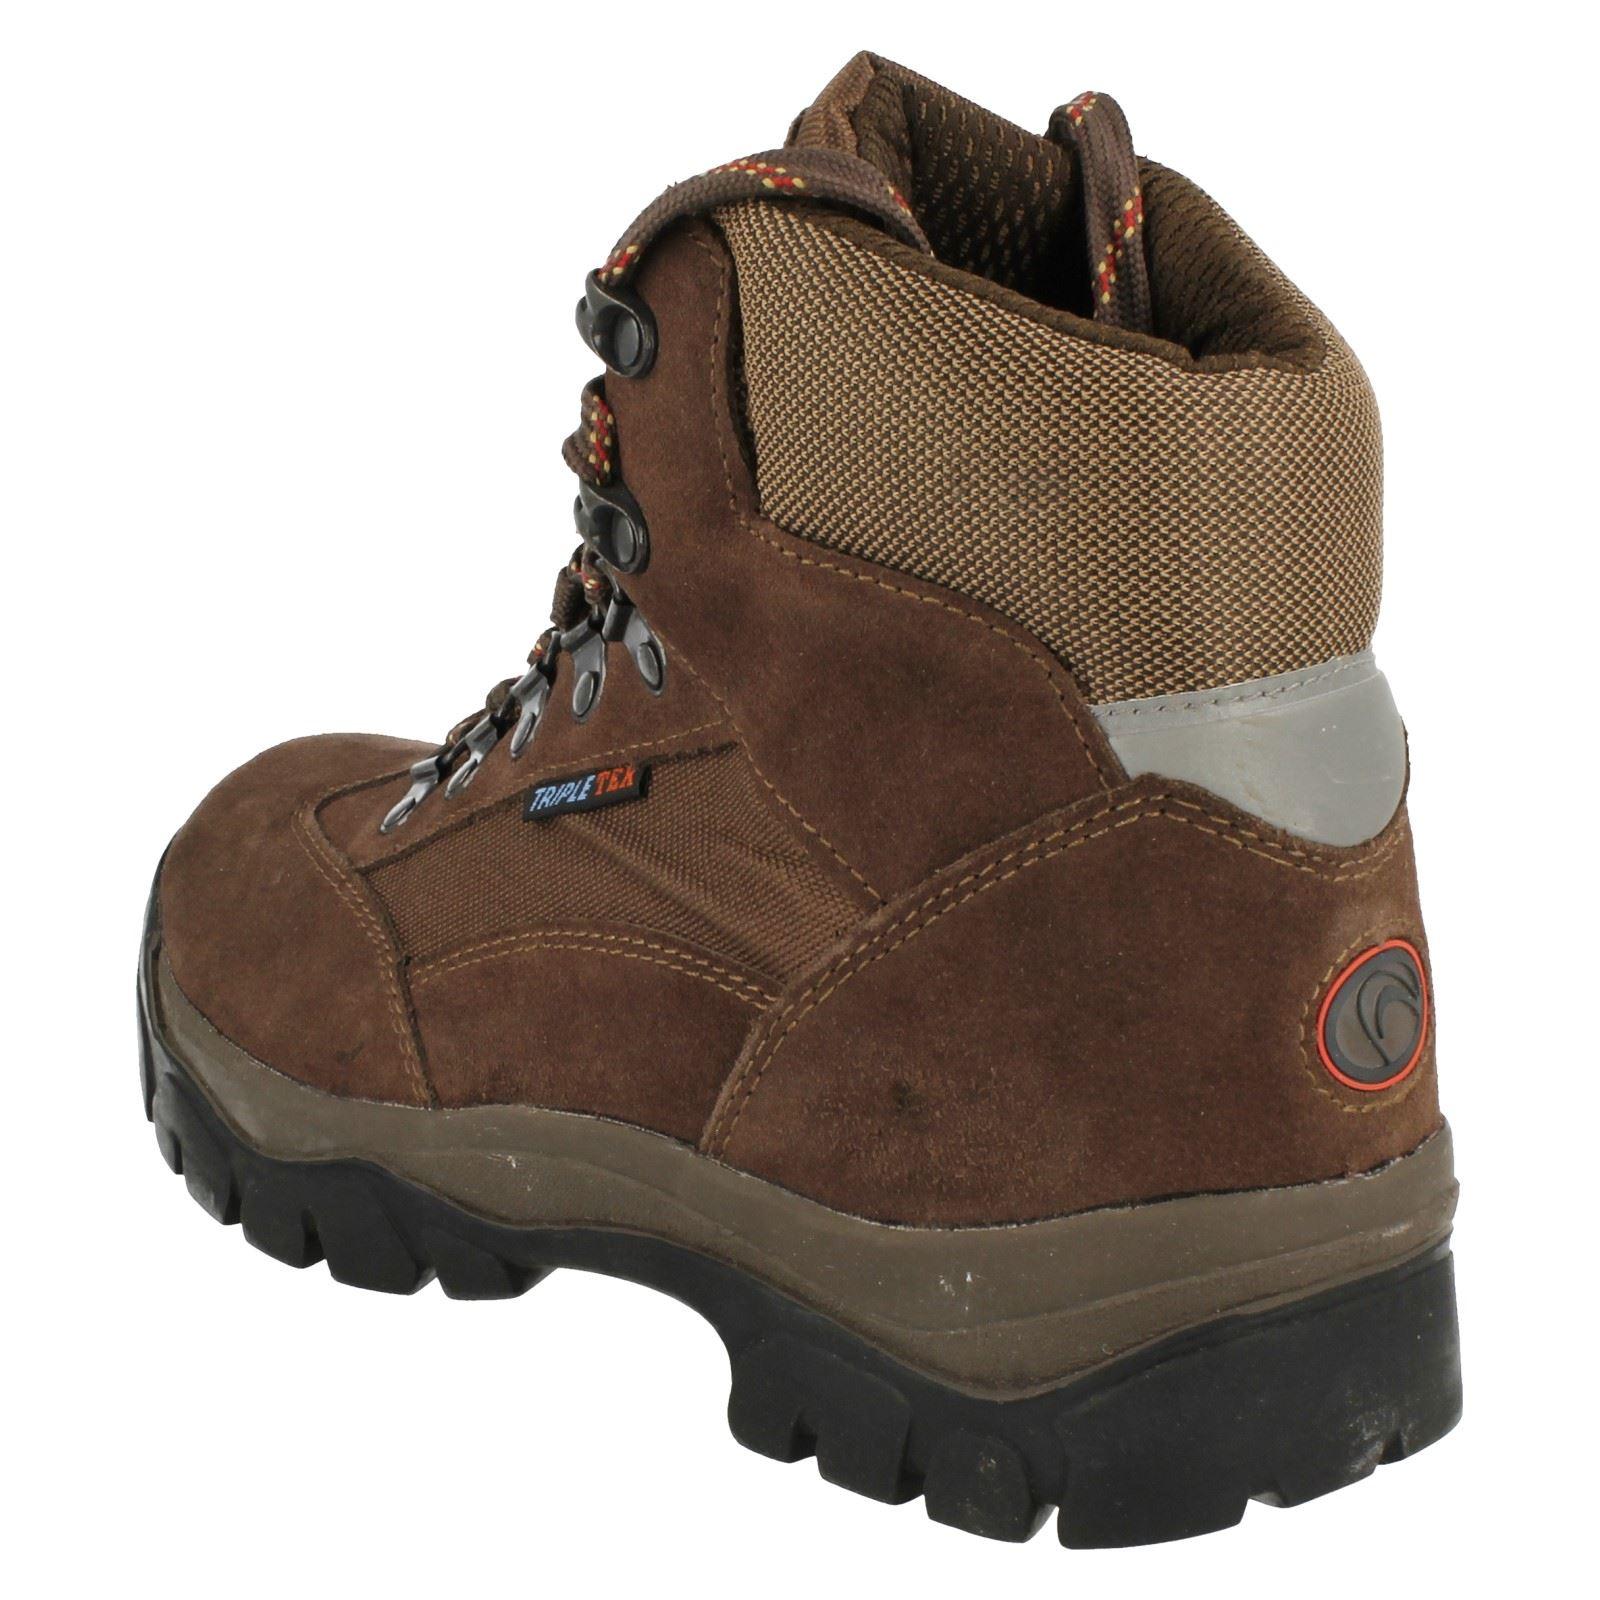 etna men Zapatillas de skate etna  lienzo y original suela de gofre geranio rosa de alto riesgo vans auténtico hueso de woodstock dvs footwear mens enduro 125 .